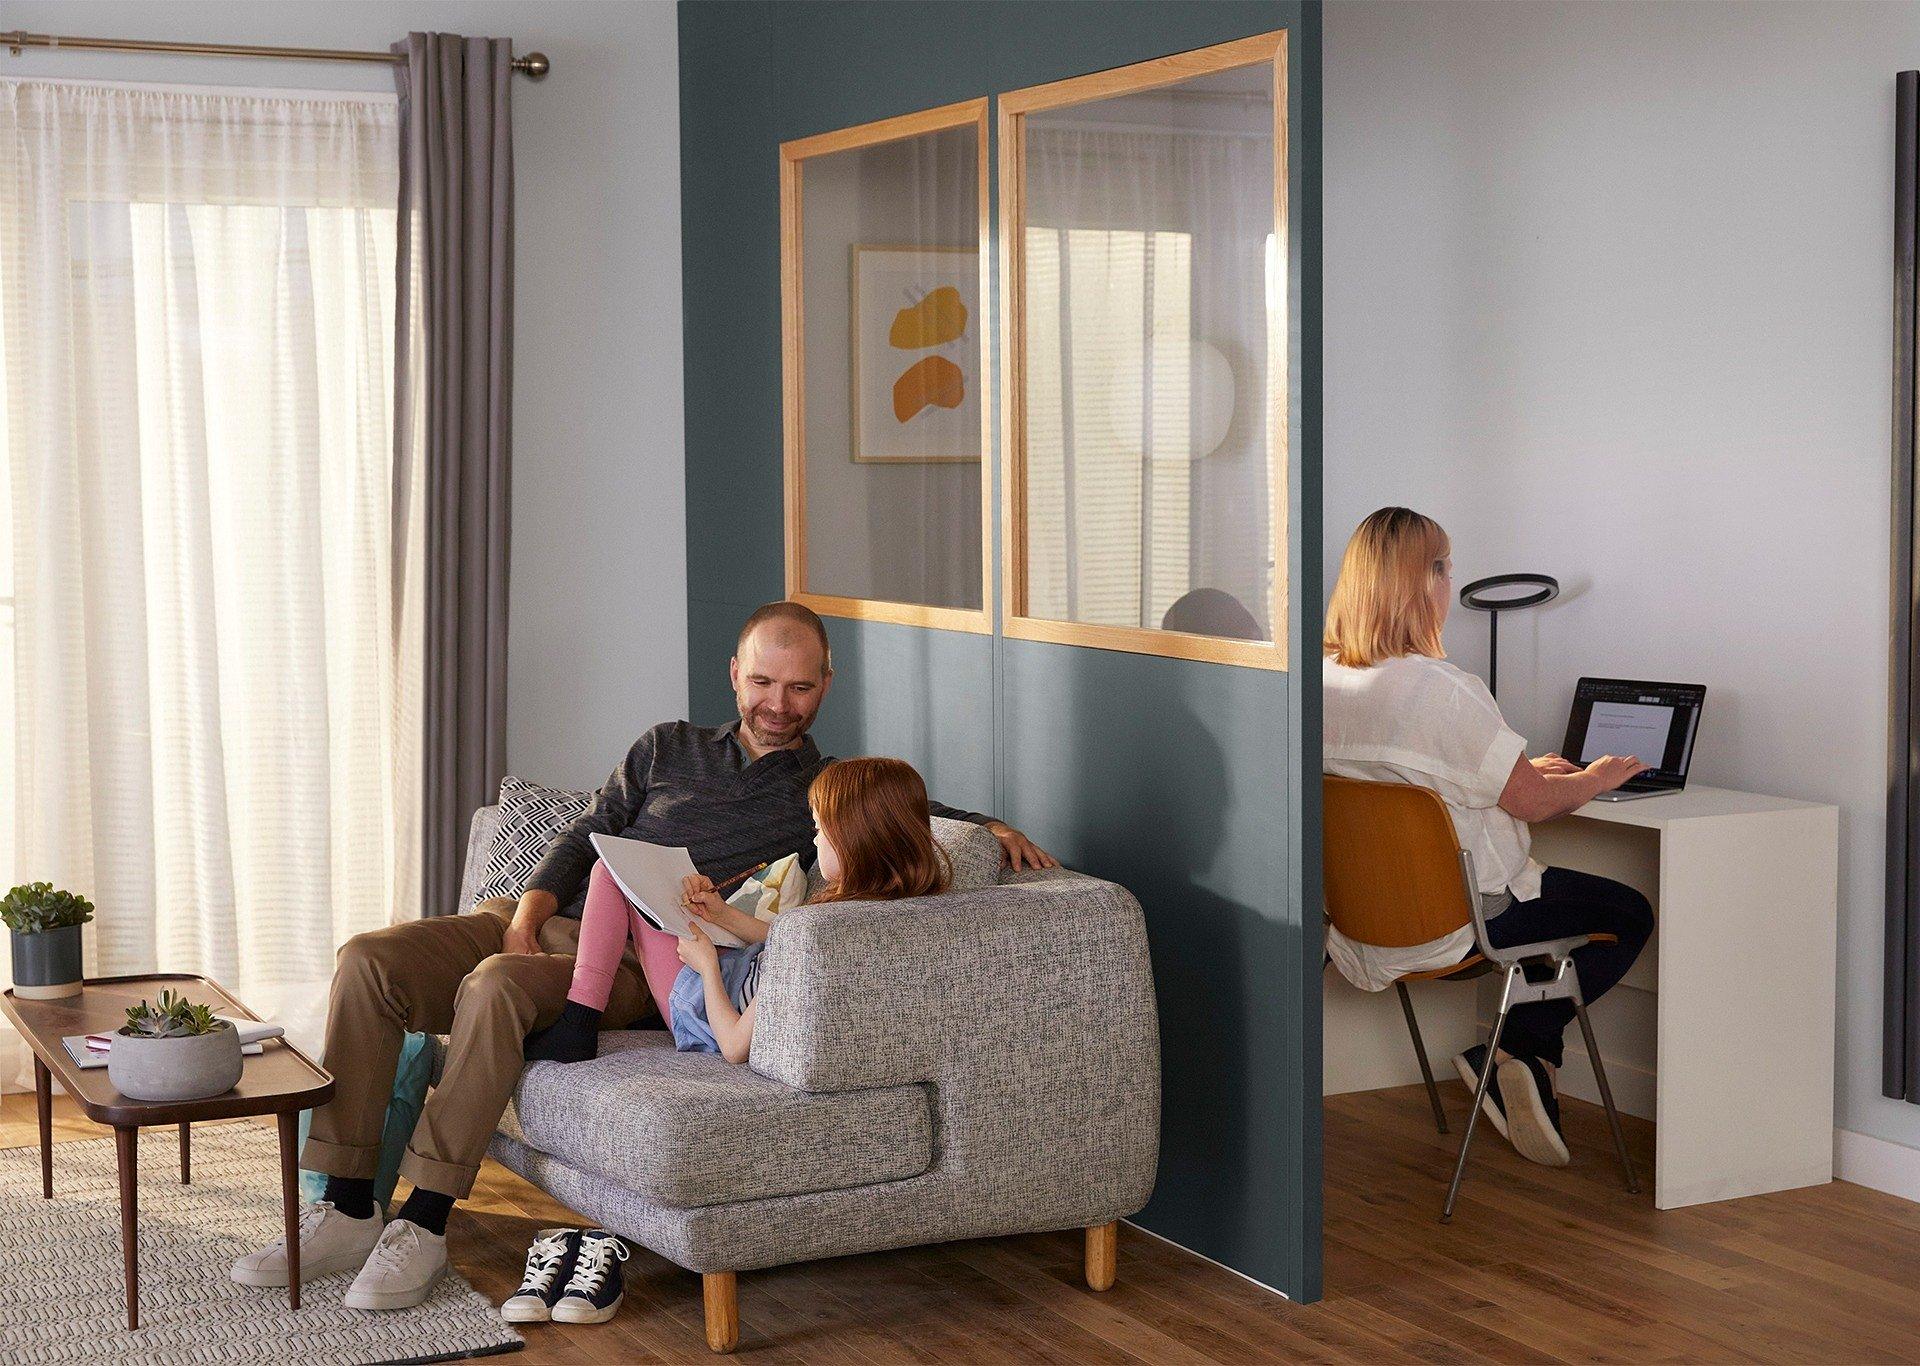 Ścianki działowe do samodzielnego montażu - Twój dom zmieni się wraz z tobą